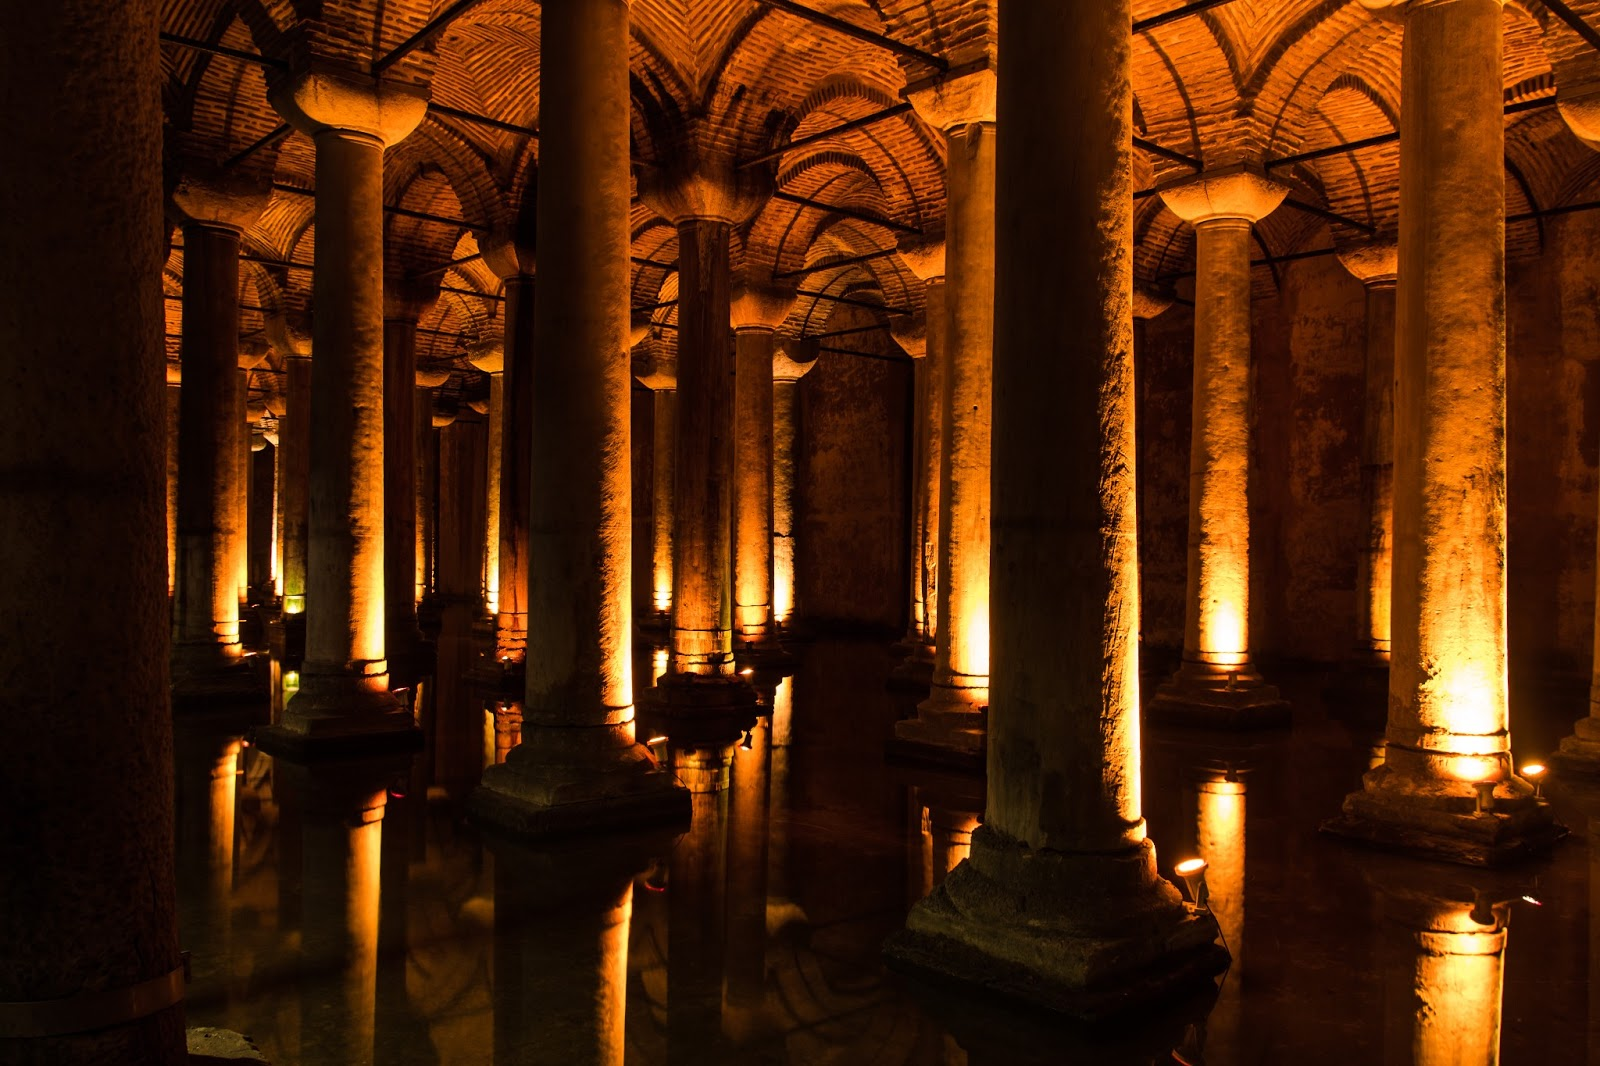 la cisterna muslim Se describe como un vaso o cisterna de bronce, cuyo borde era semejante al de una copa y a la hoja de una  muslim and christian perpectives on the temple mount.